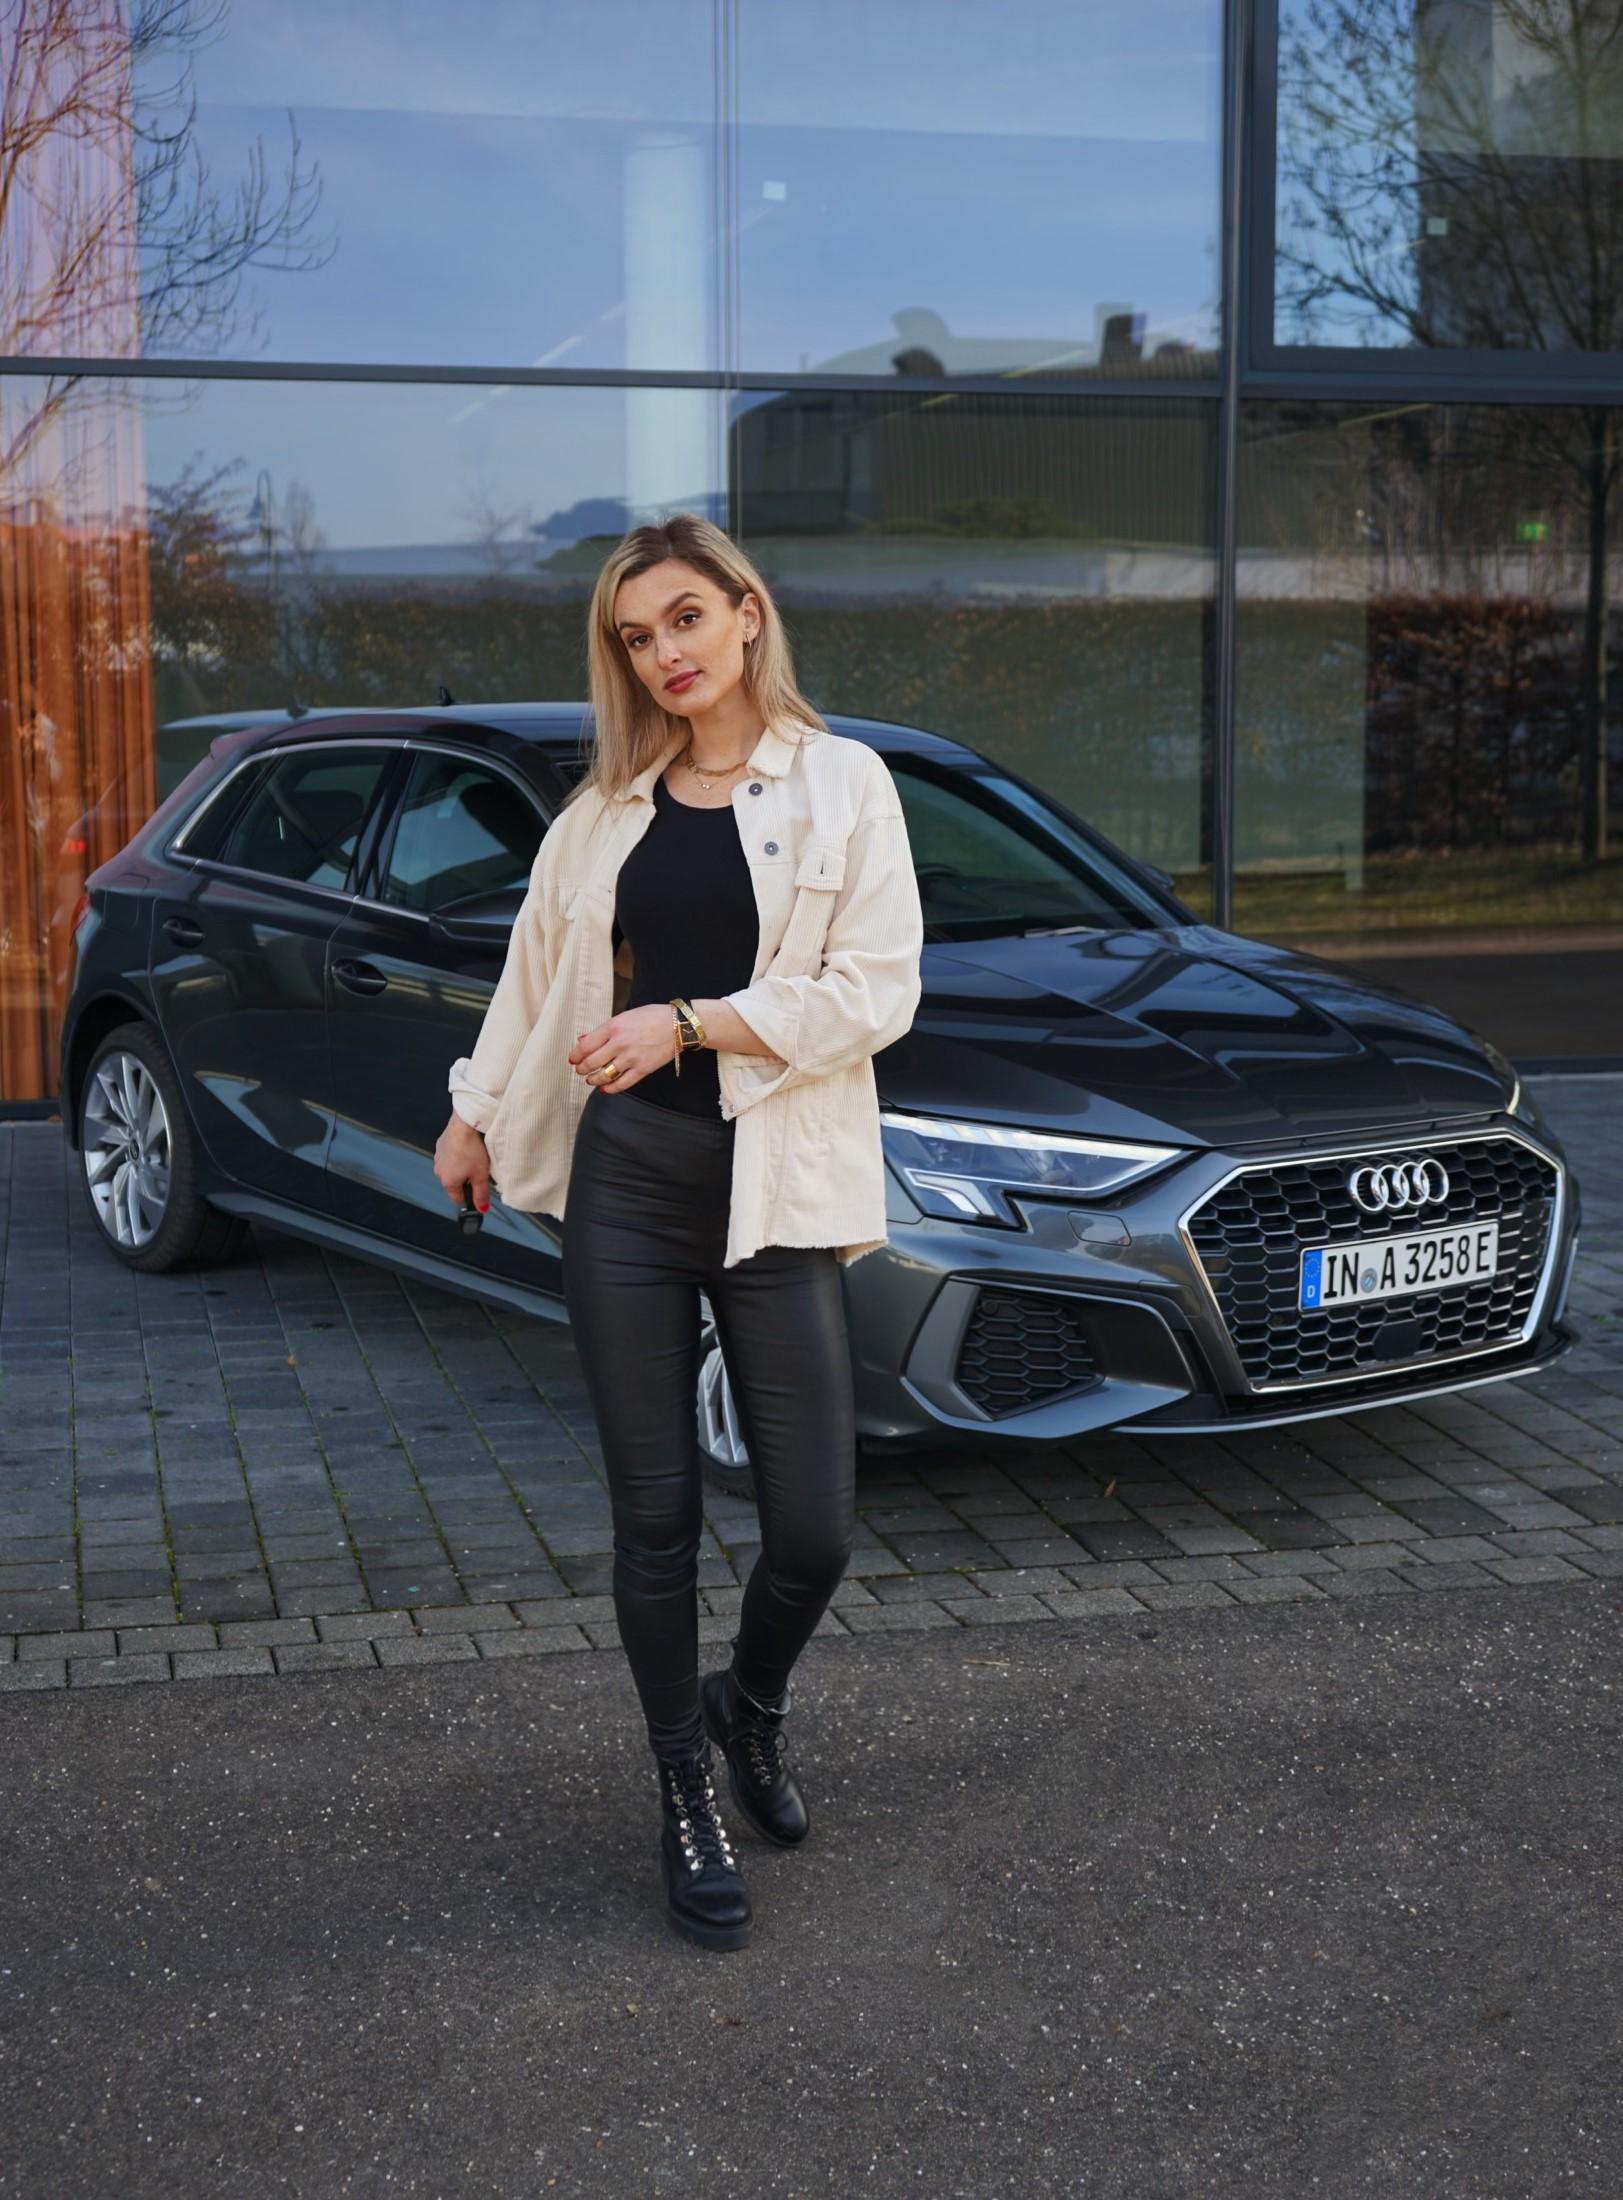 Audi A3 40 TFSI e 2021 I Was bringt der E-Motor?